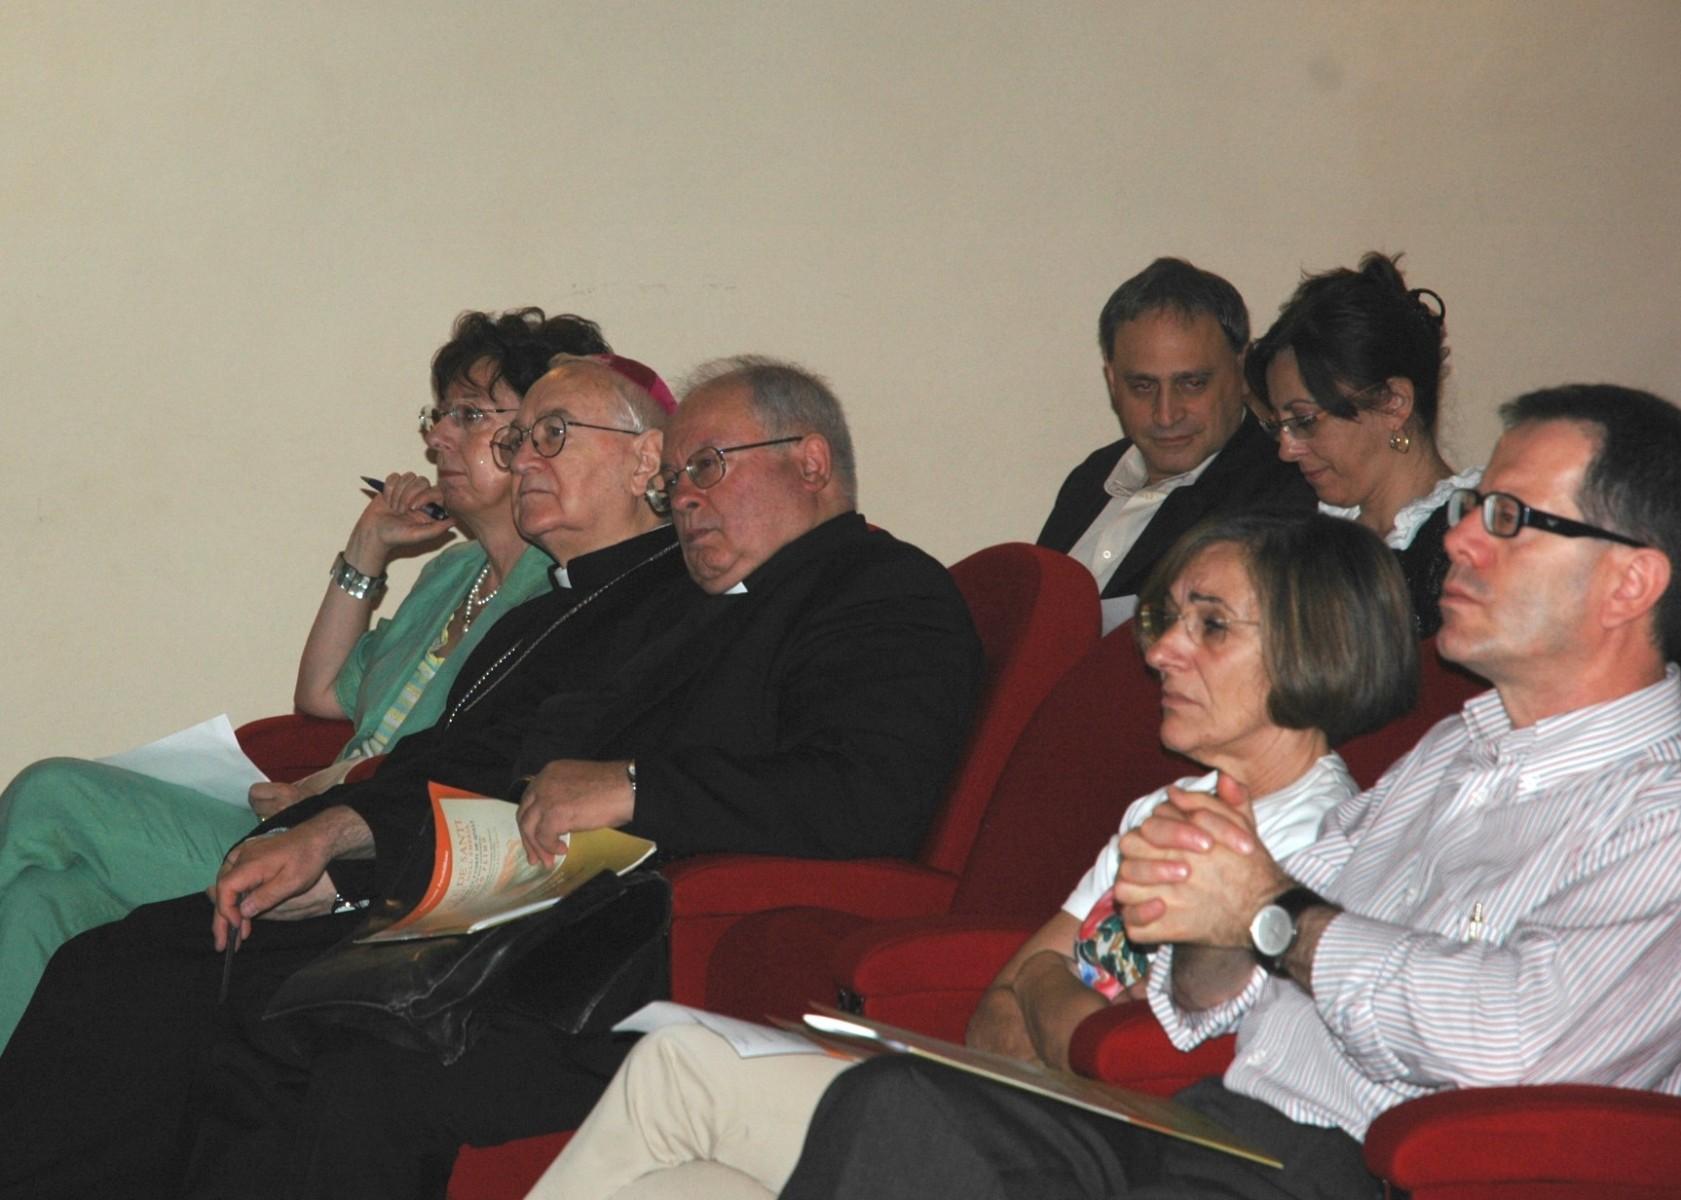 Convegno Italia Sacra - 19-21 giugno 2008 - Platea 4